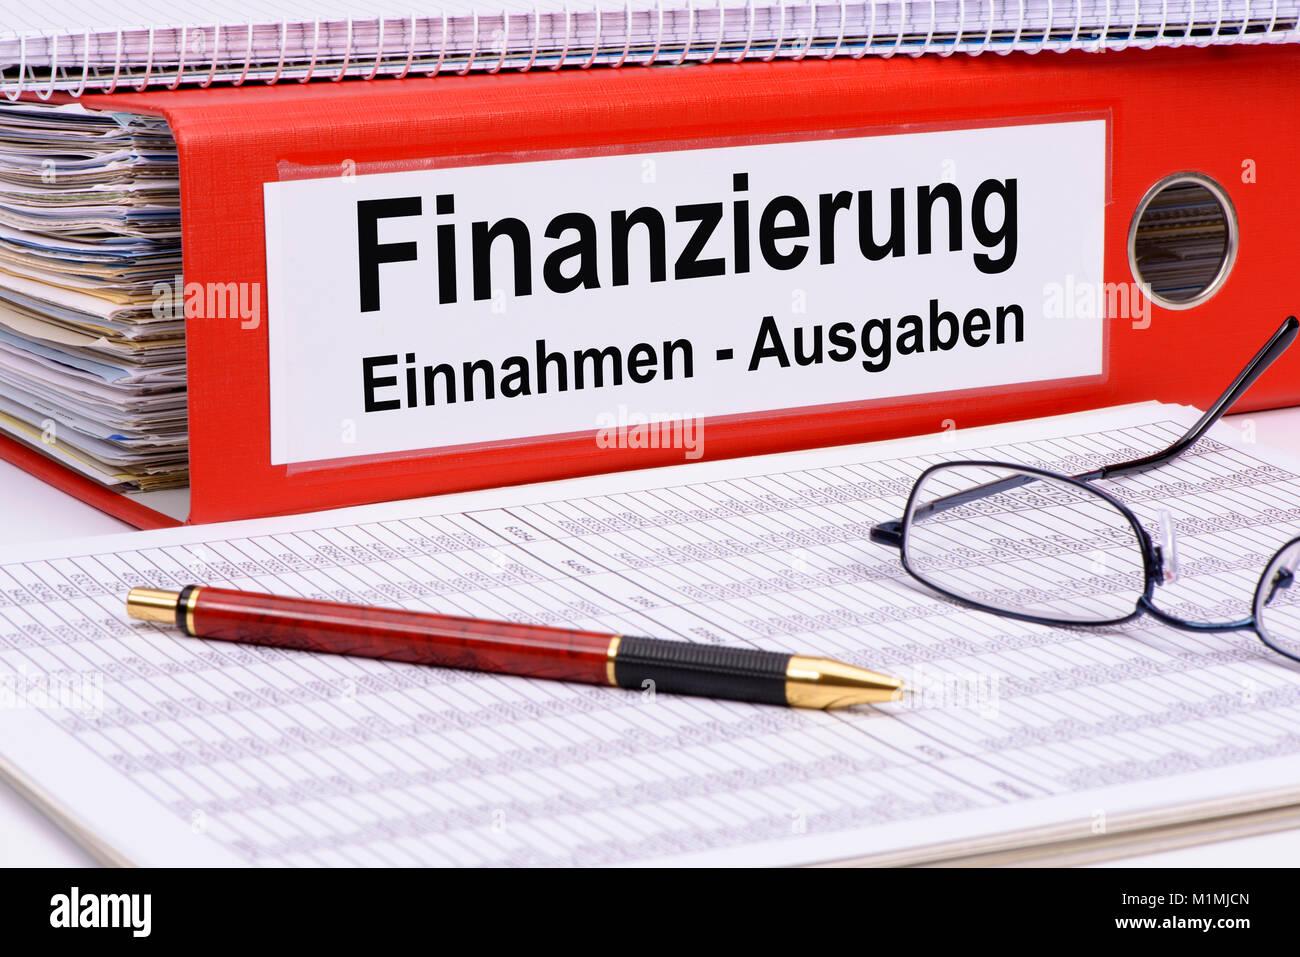 Finanzierung mit Einnahmen und Ausgaben Stock Photo